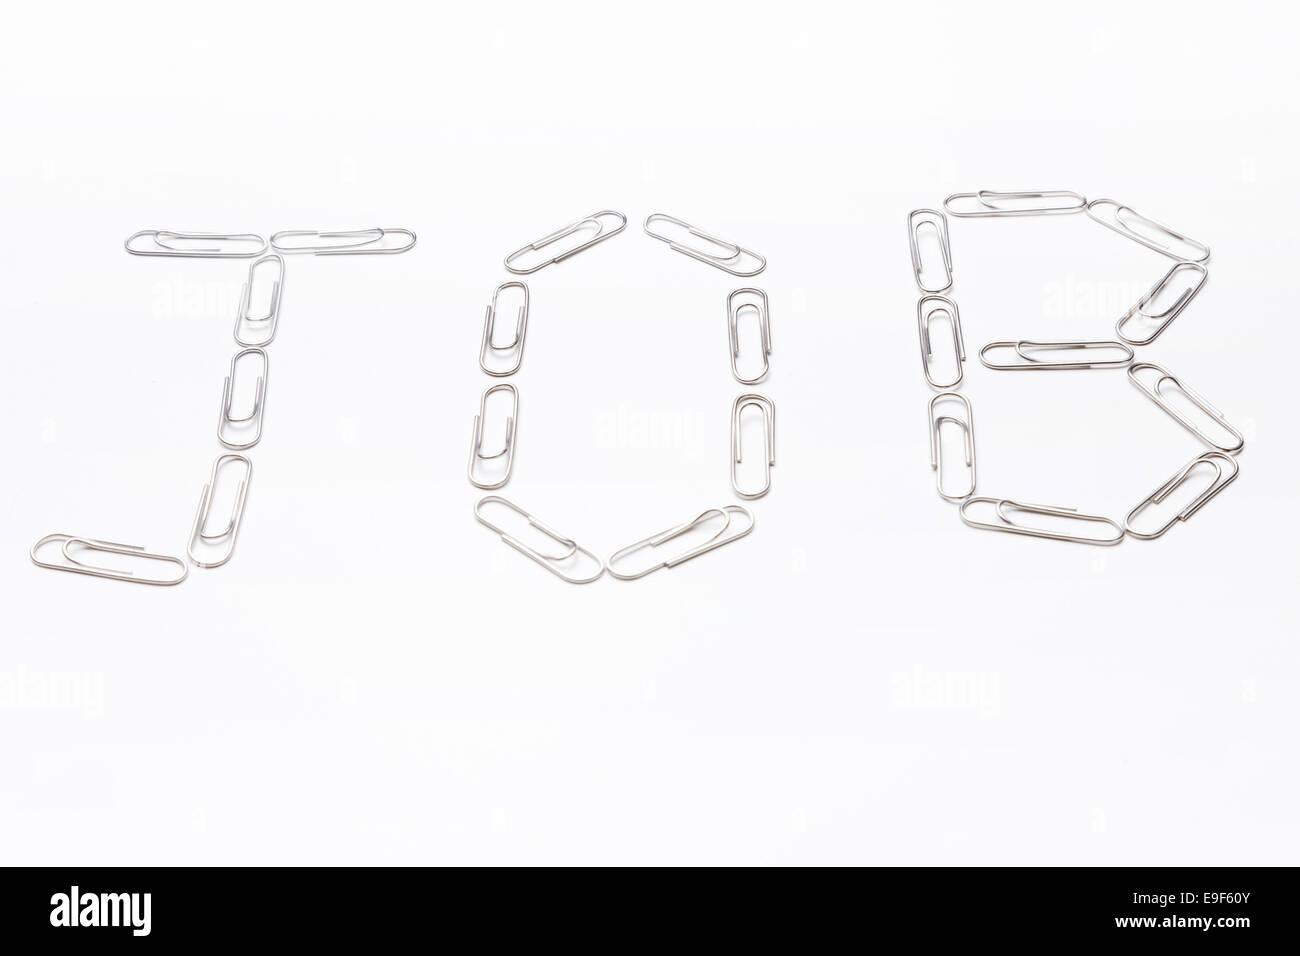 hight resolution of las letras en ingl s de clip imagen de stock